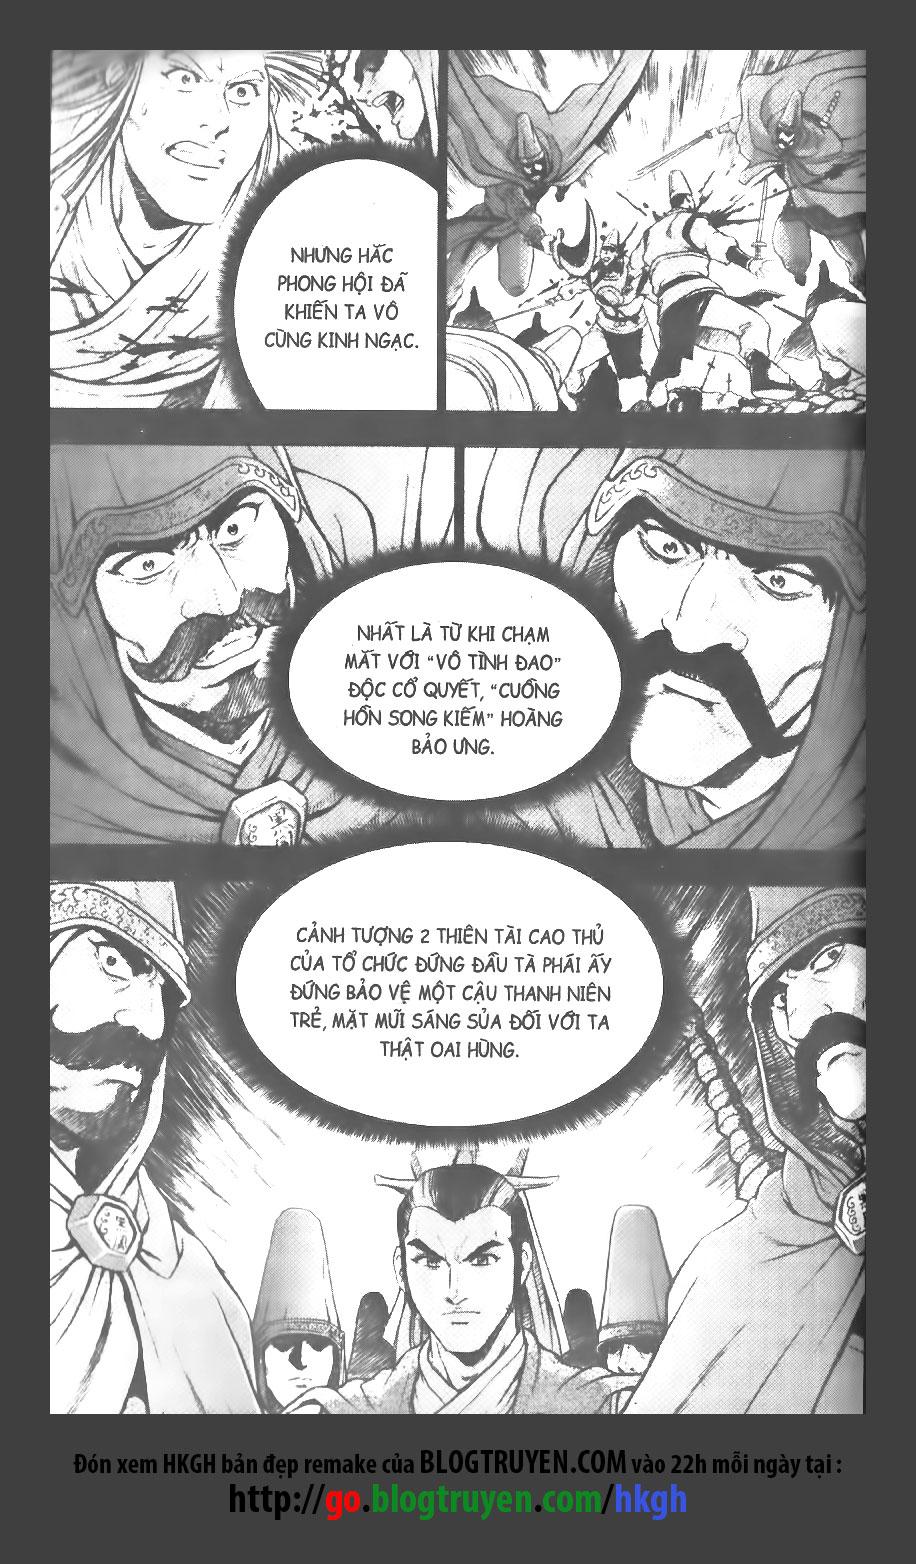 xem truyen moi - Hiệp Khách Giang Hồ Vol44 - Chap 307 - Remake